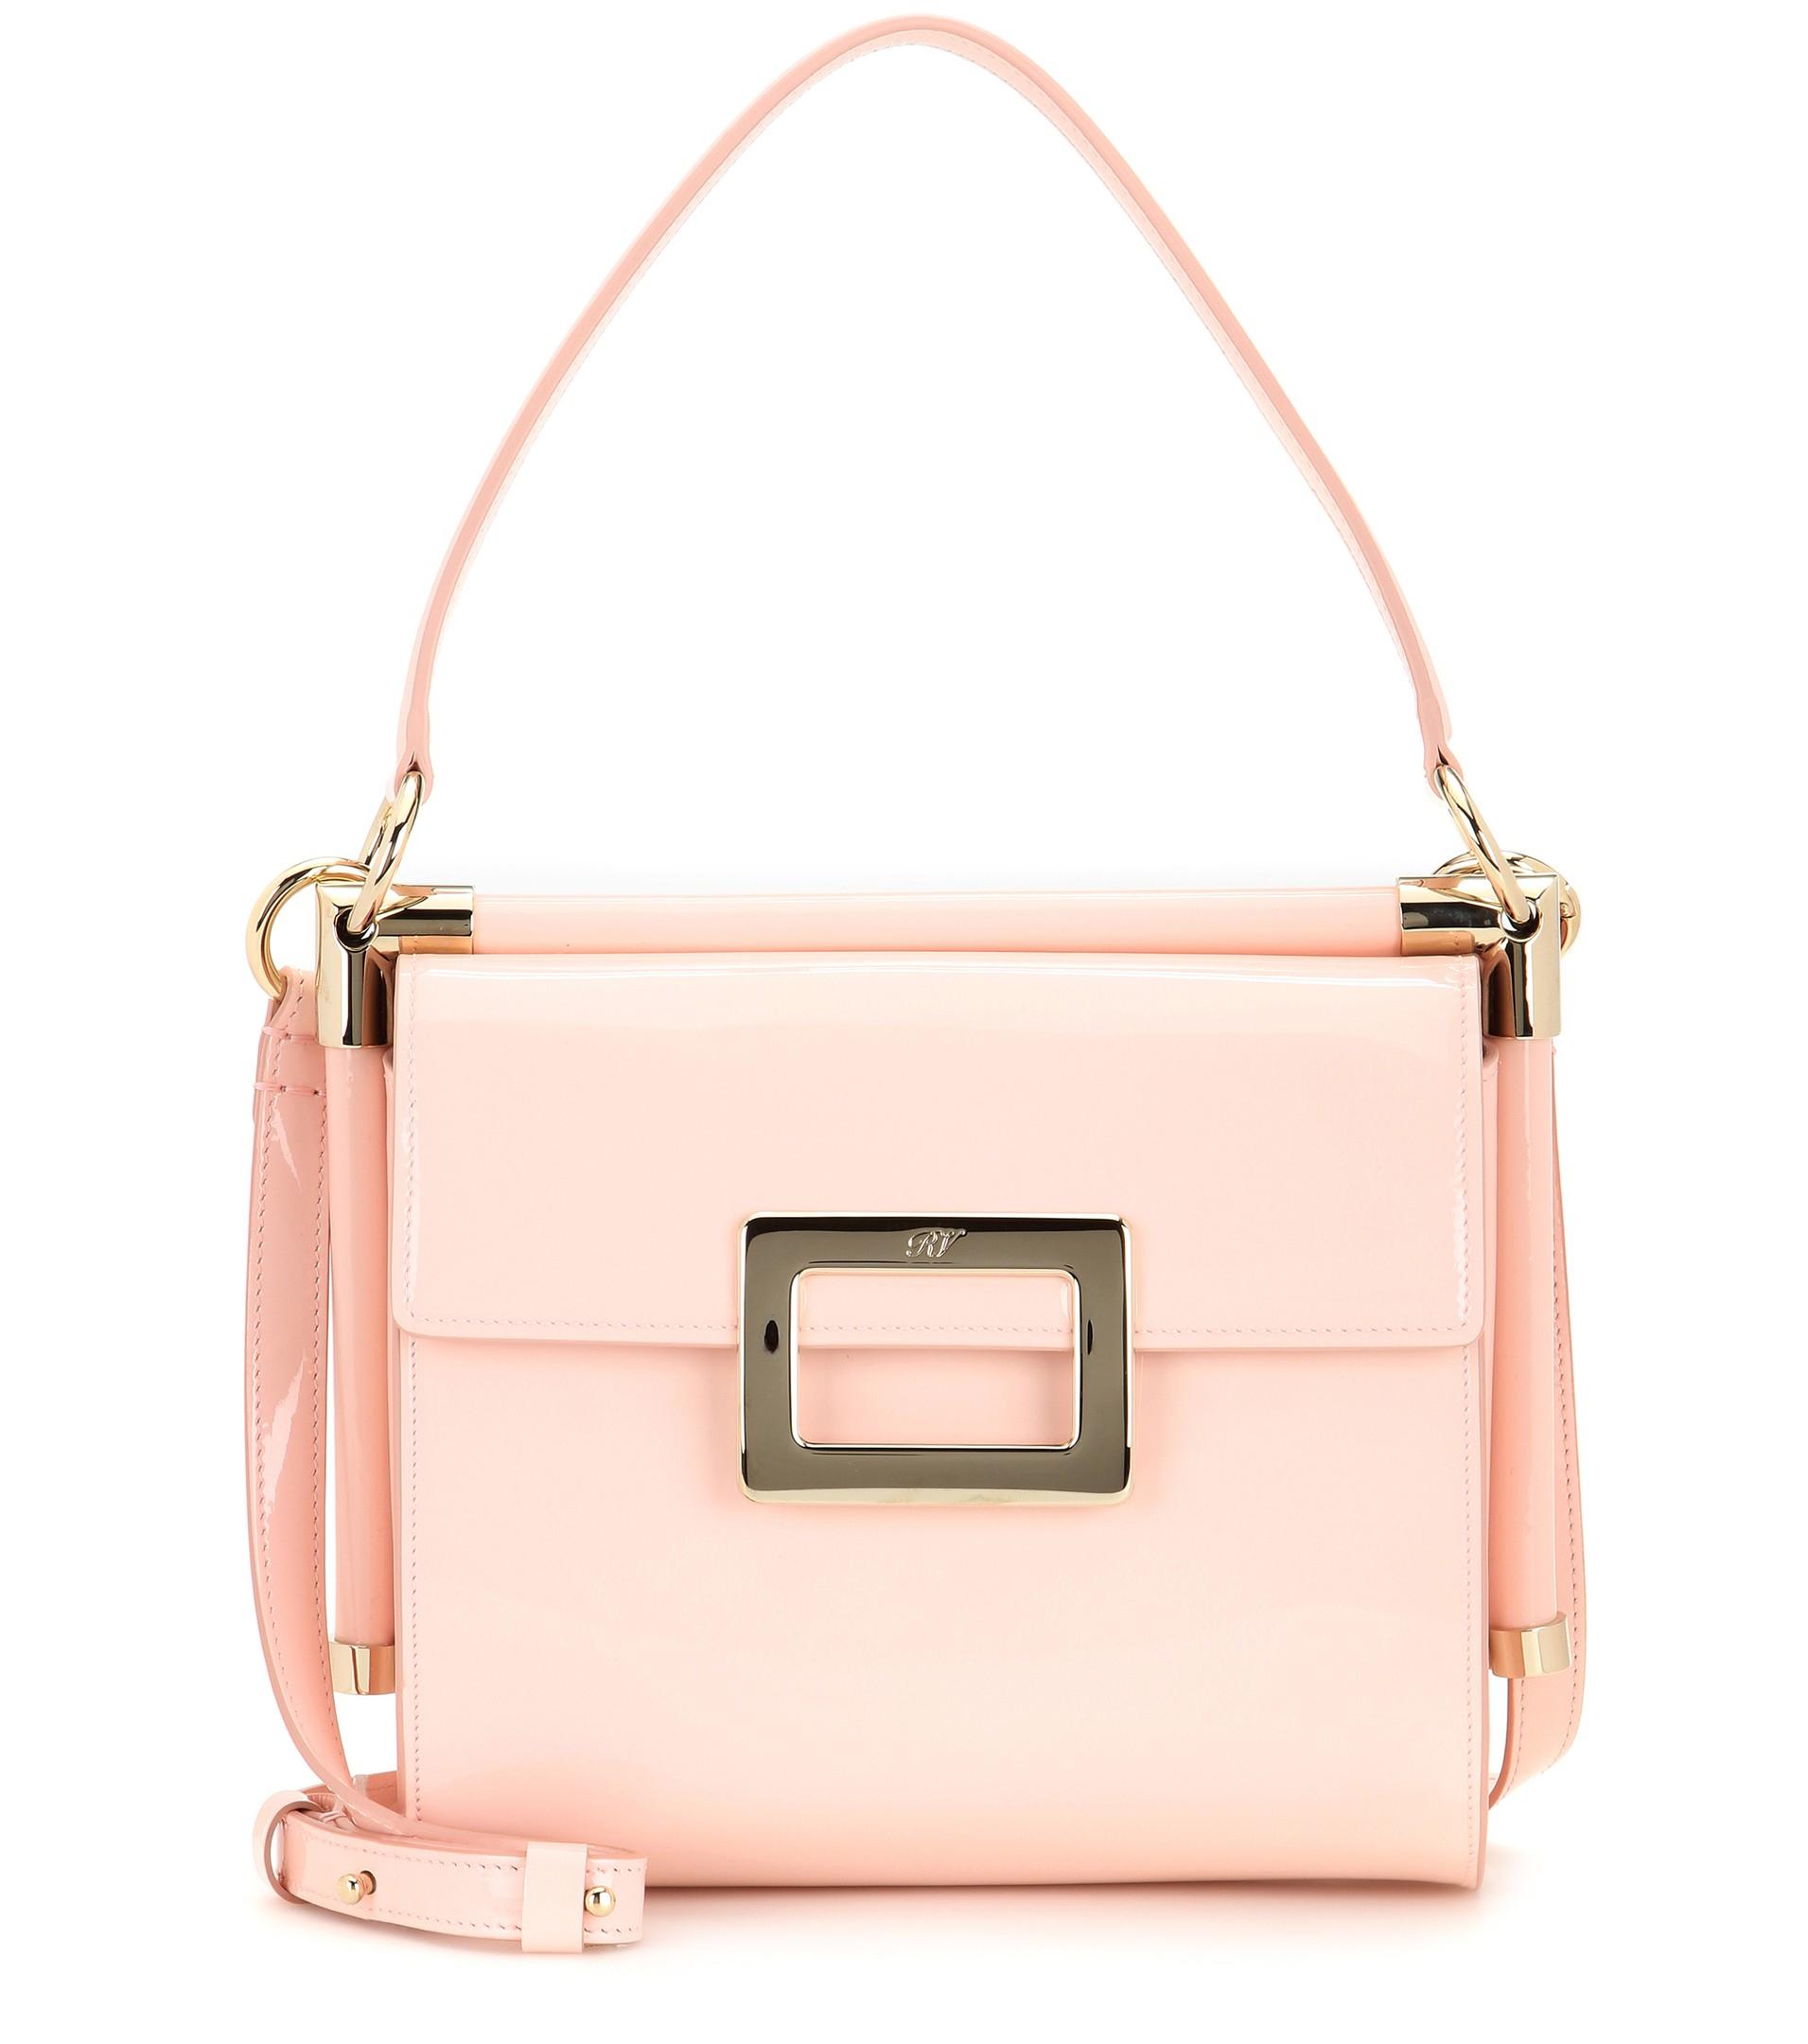 6f2a27de2a6b Roger Vivier Miss Viv  Carré Small Patent Leather Shoulder Bag in ...